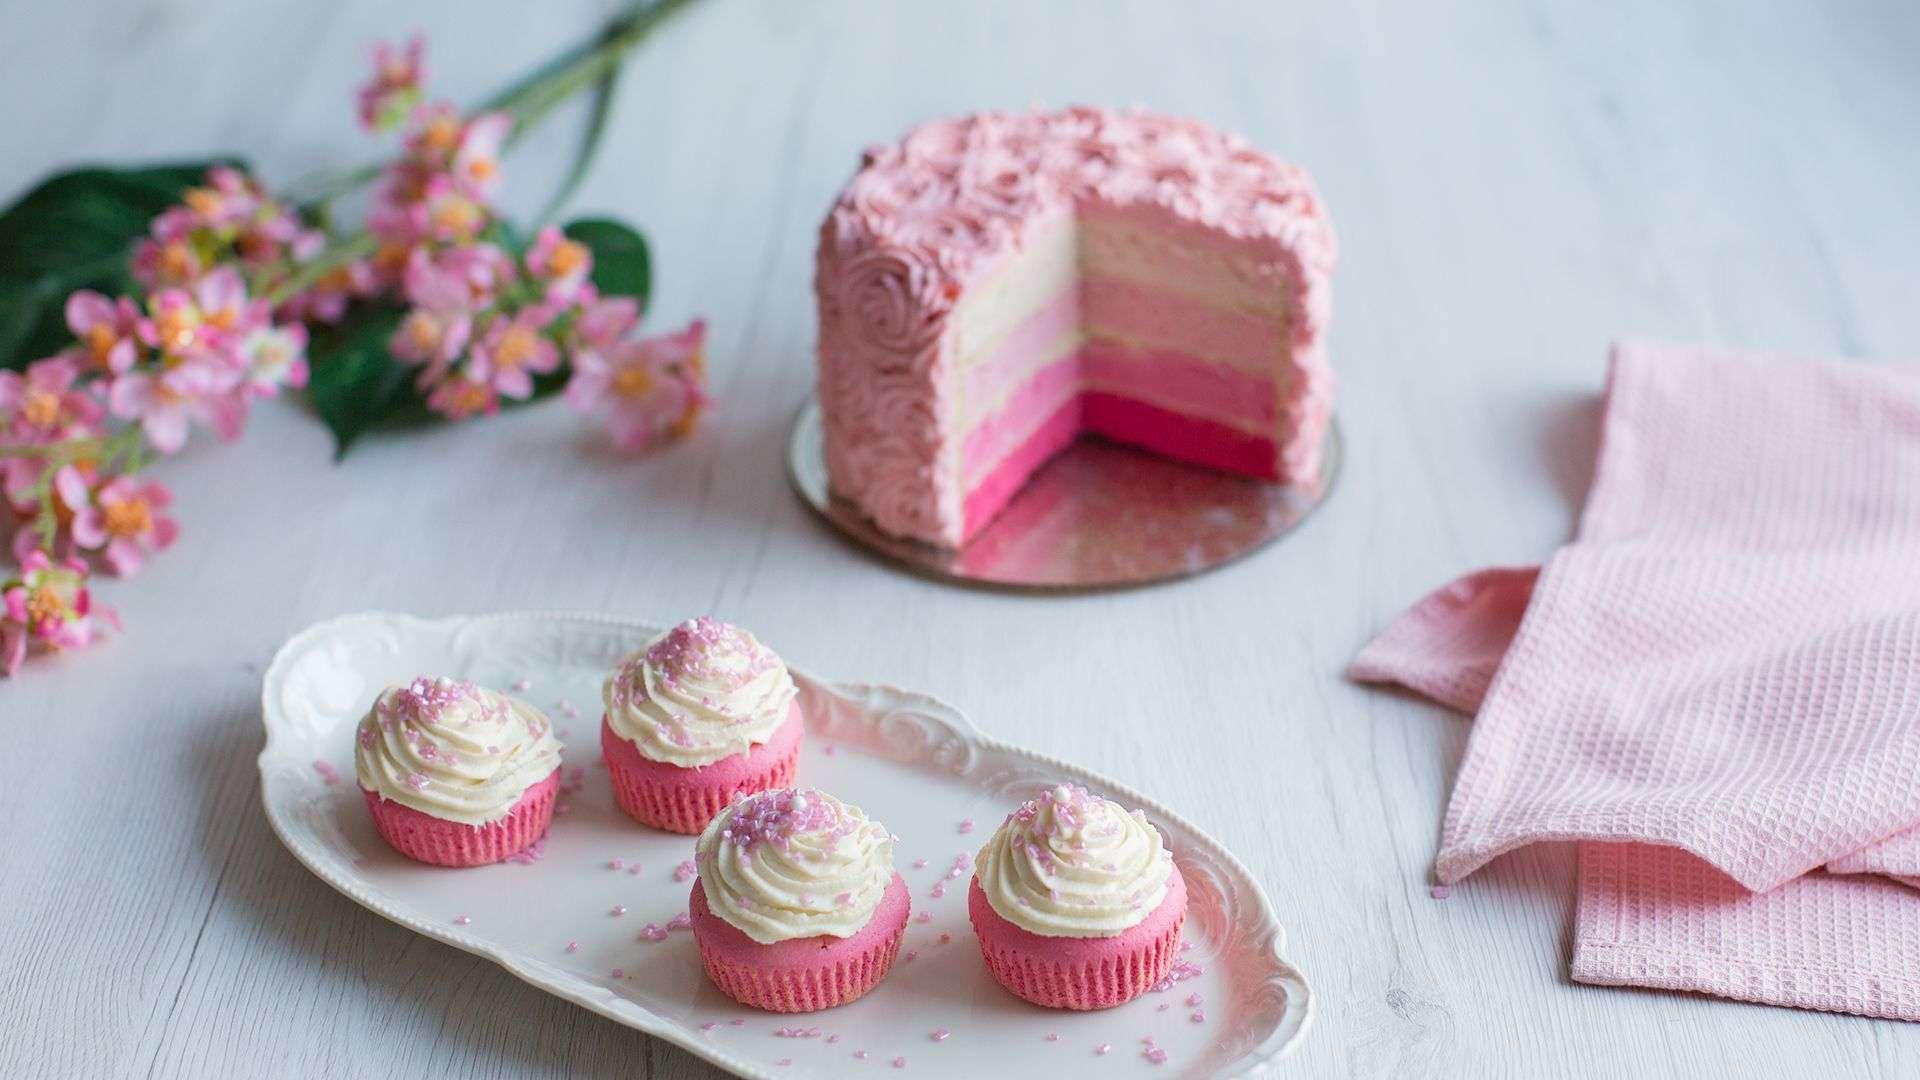 Restlverwertung Cupcakes Ombré-Torte mit Buttercreme von Lidl Österreich